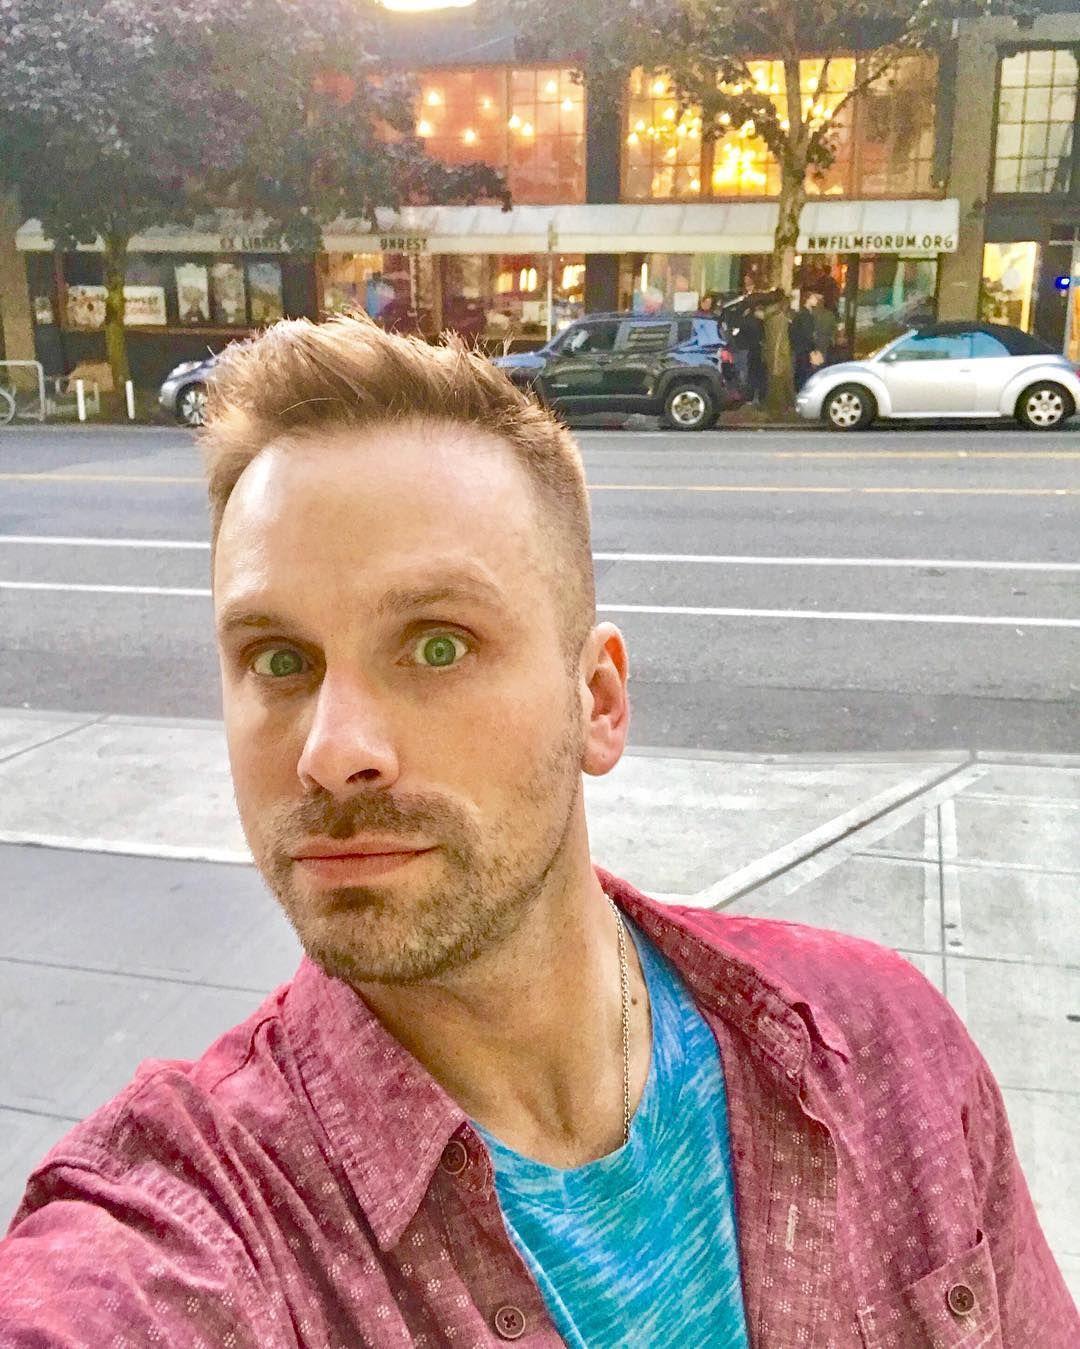 Shave gay haircut